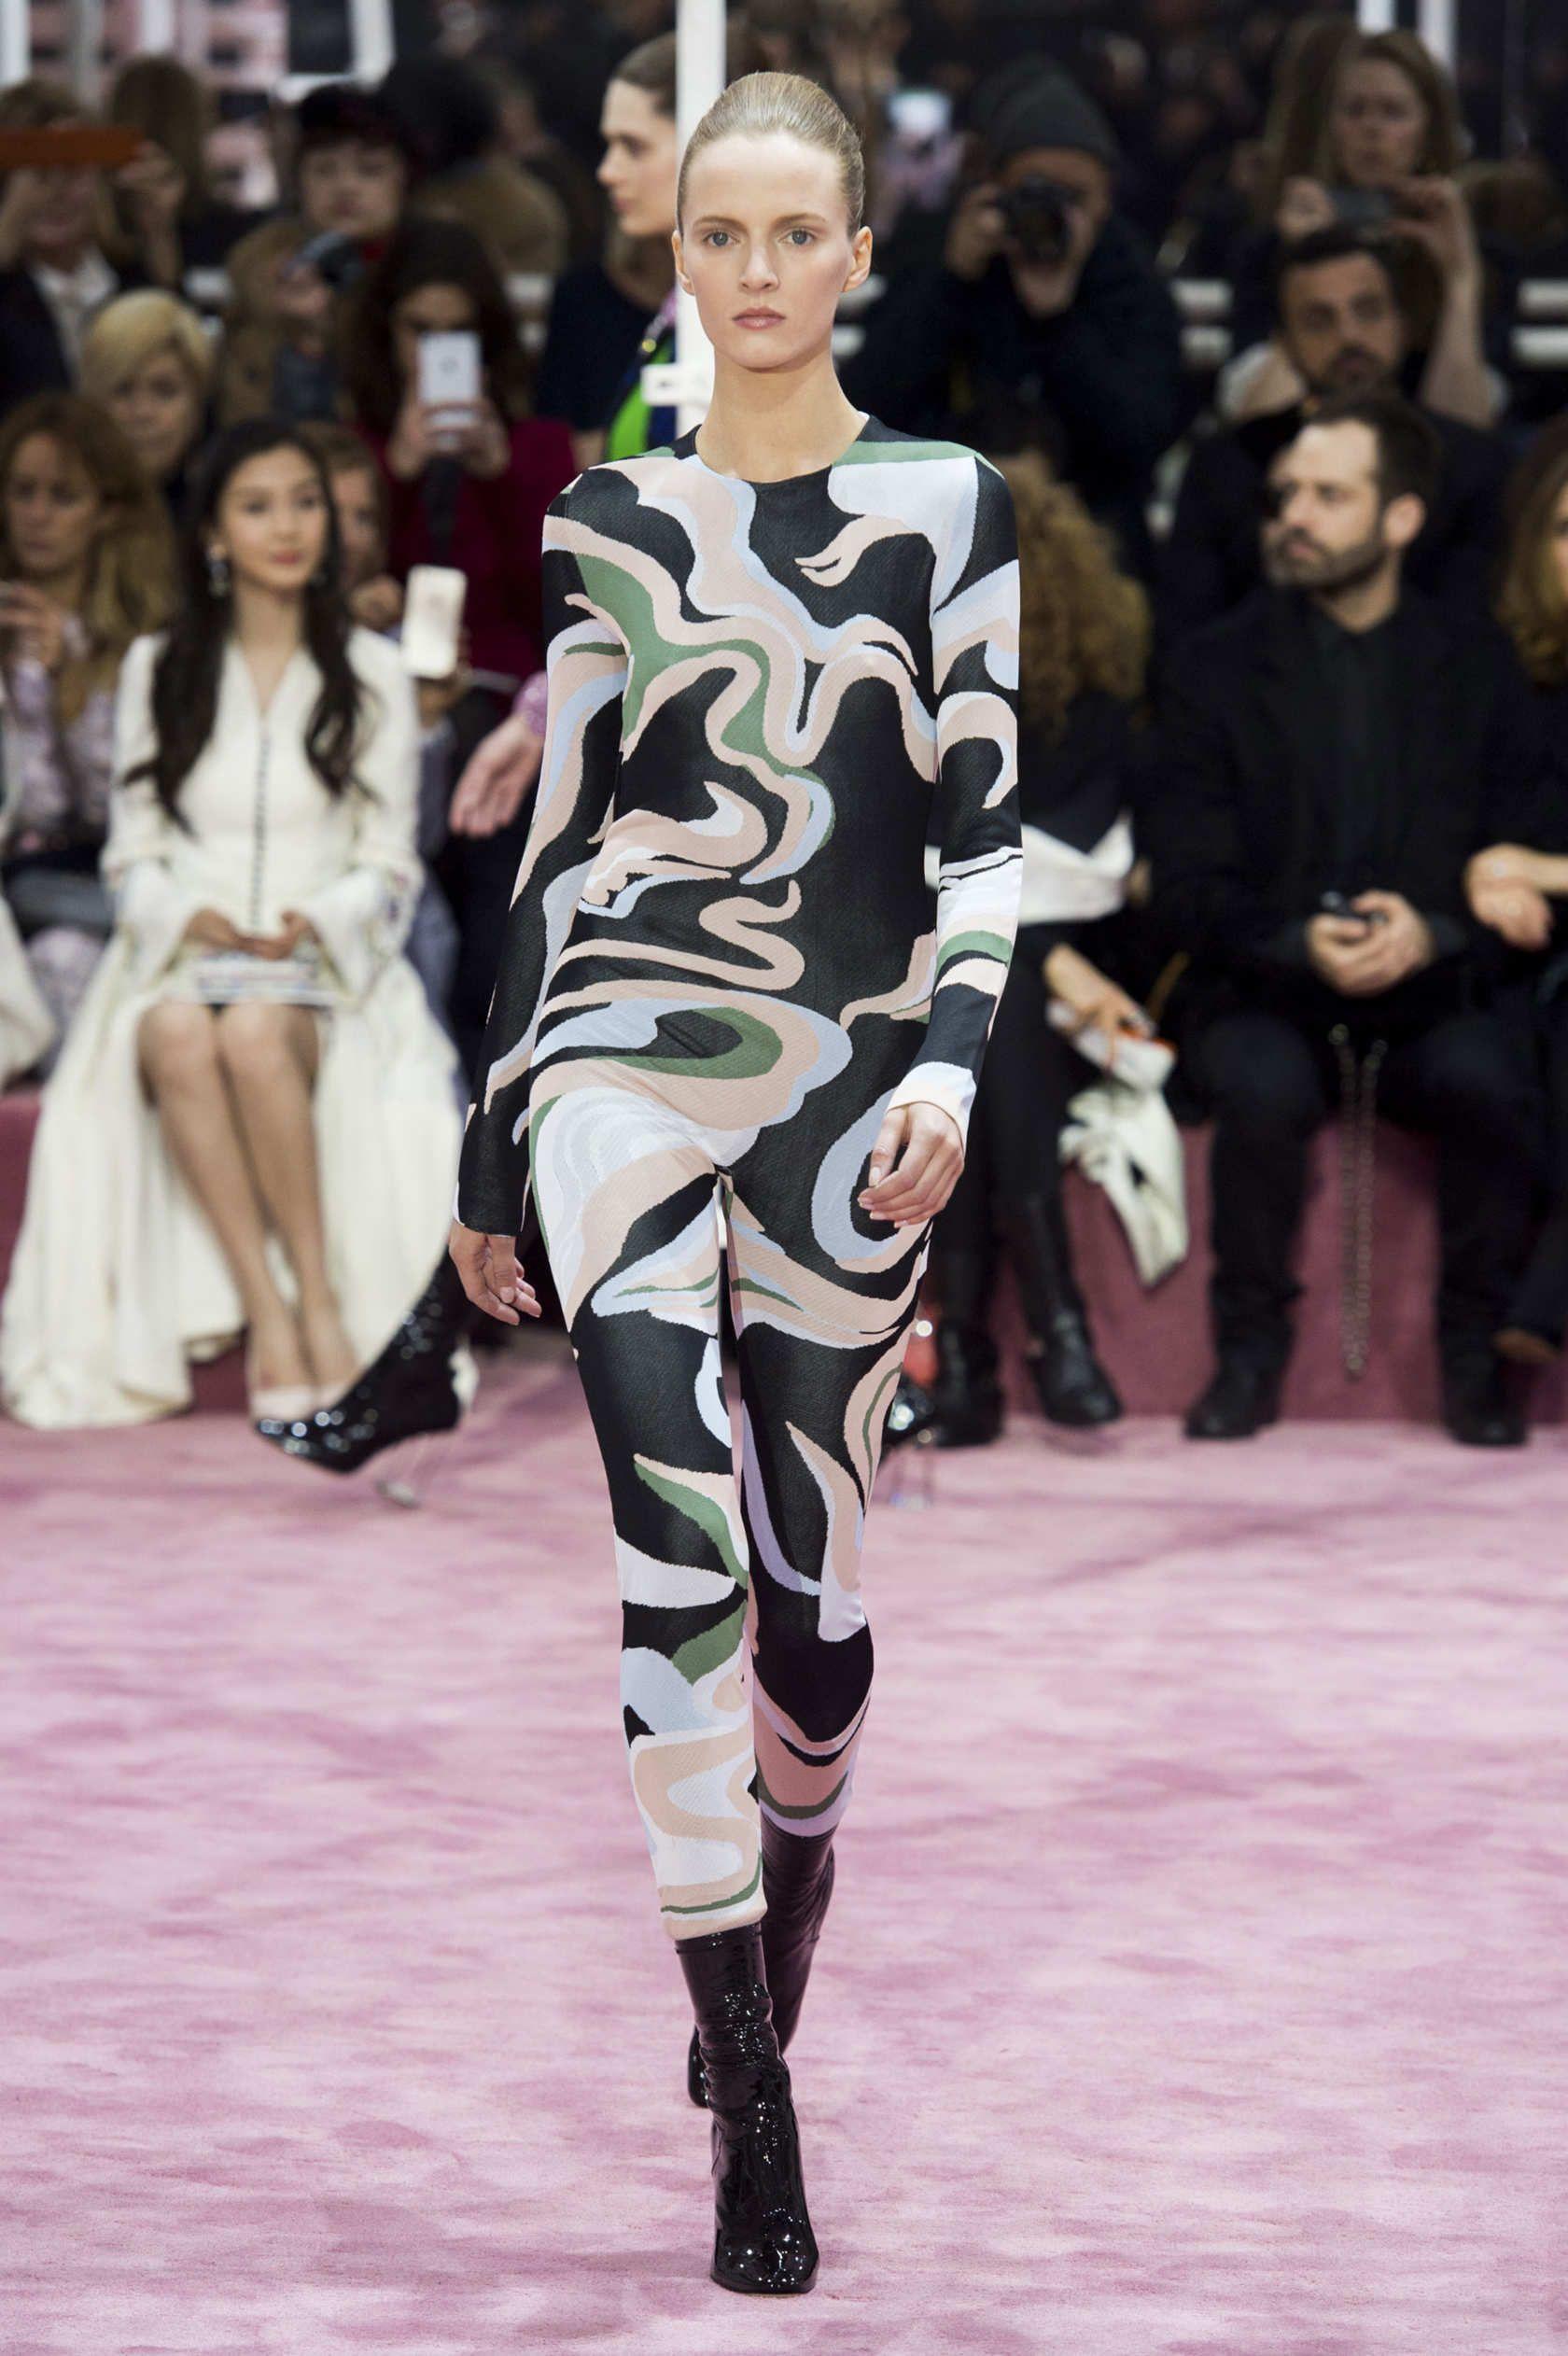 Dior Couture Spring 2015 Paris Fashion Week |The Cut